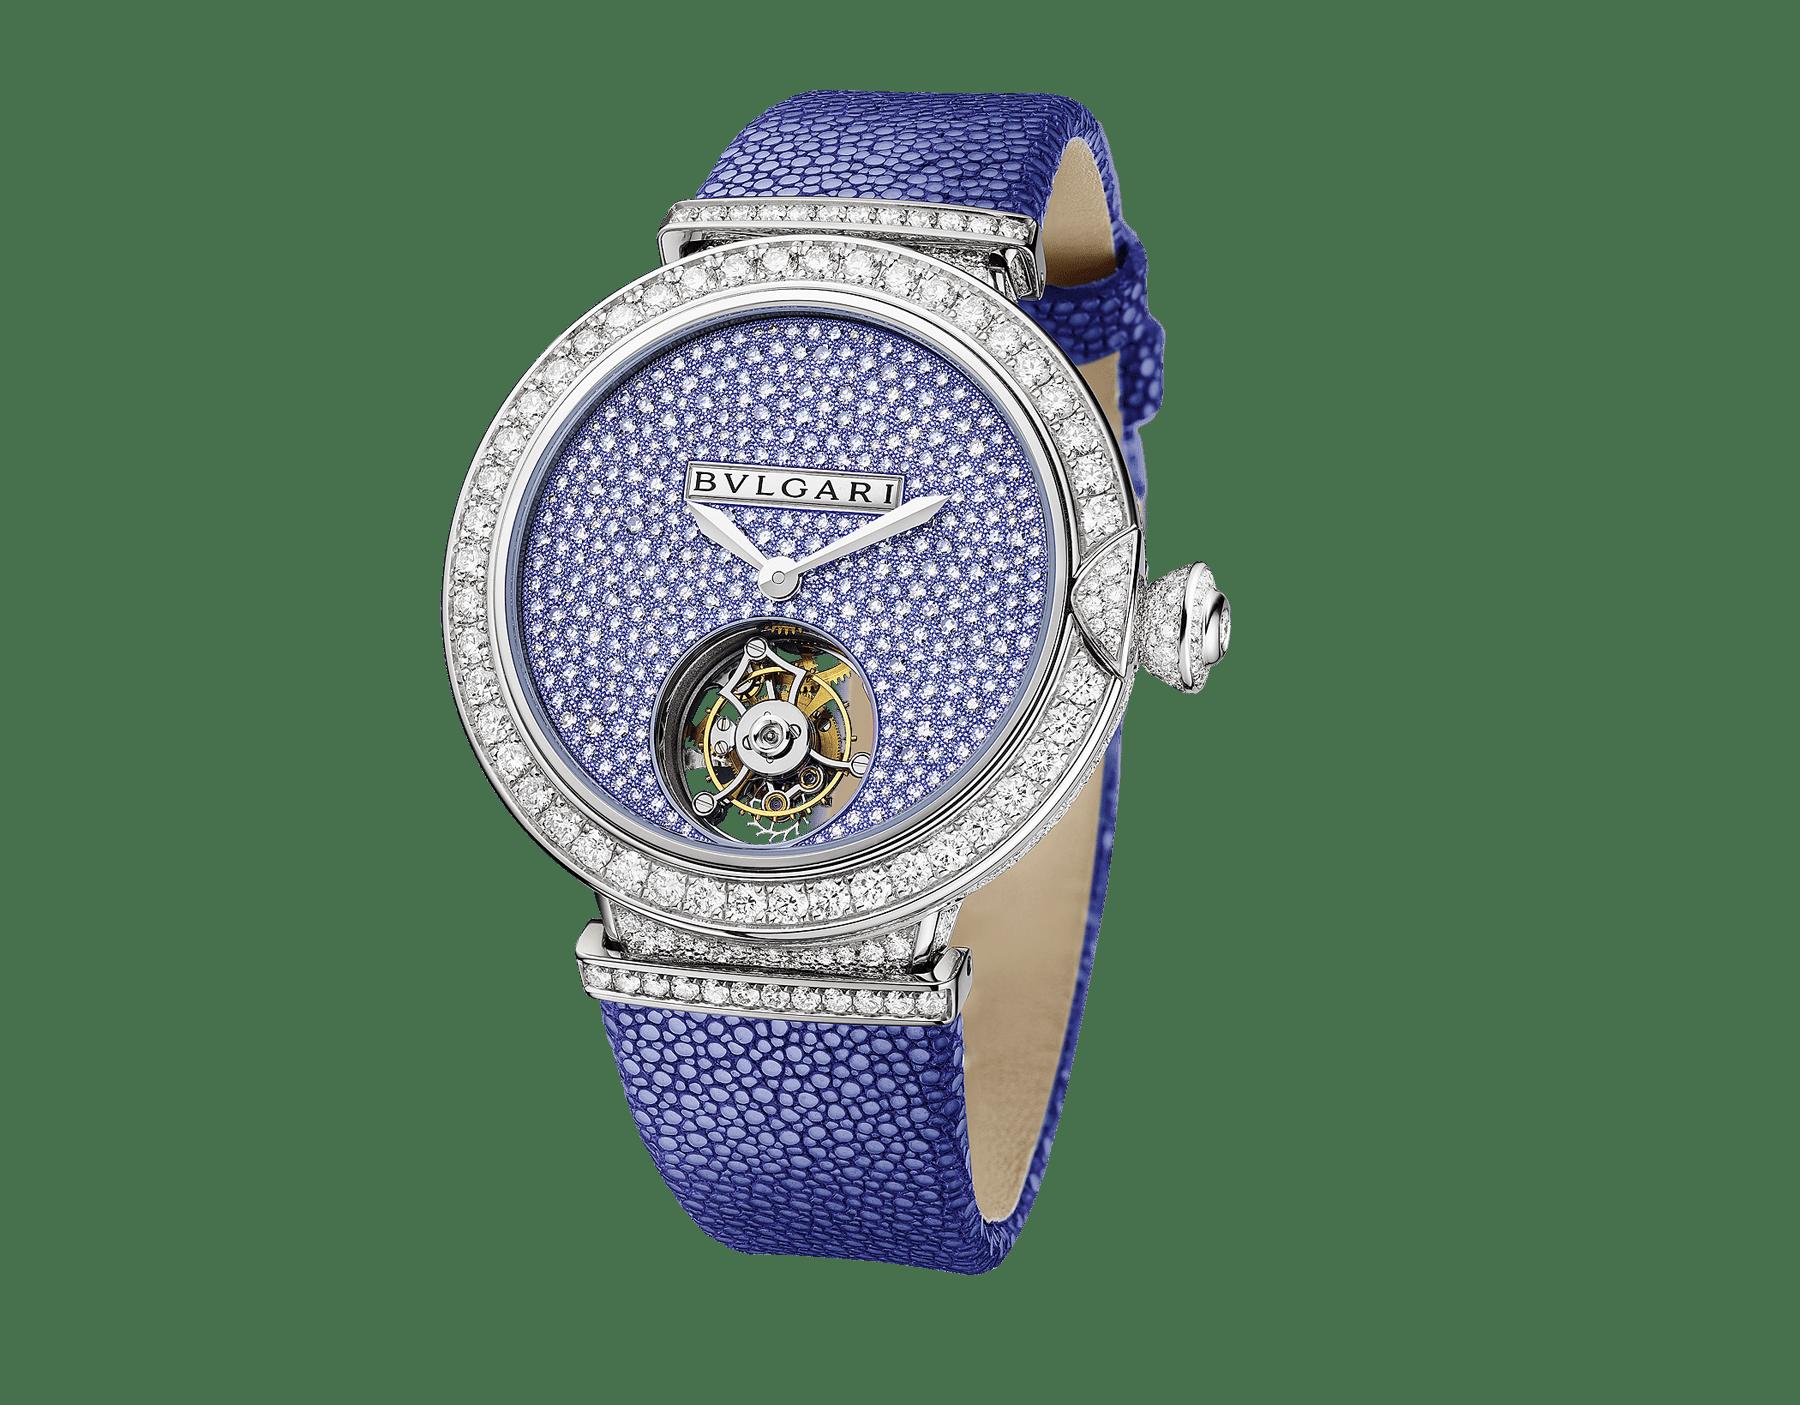 Montre LVCEA Tourbillon en édition limitée avec mouvement mécanique de manufacture, remontage automatique, tourbillon transparent, boîtier en or blanc 18K serti de diamants ronds taille brillant, cadran pavé diamants avec diamants ronds taille brillant et finition bleue, bracelet en galuchat bleu 102881 image 1